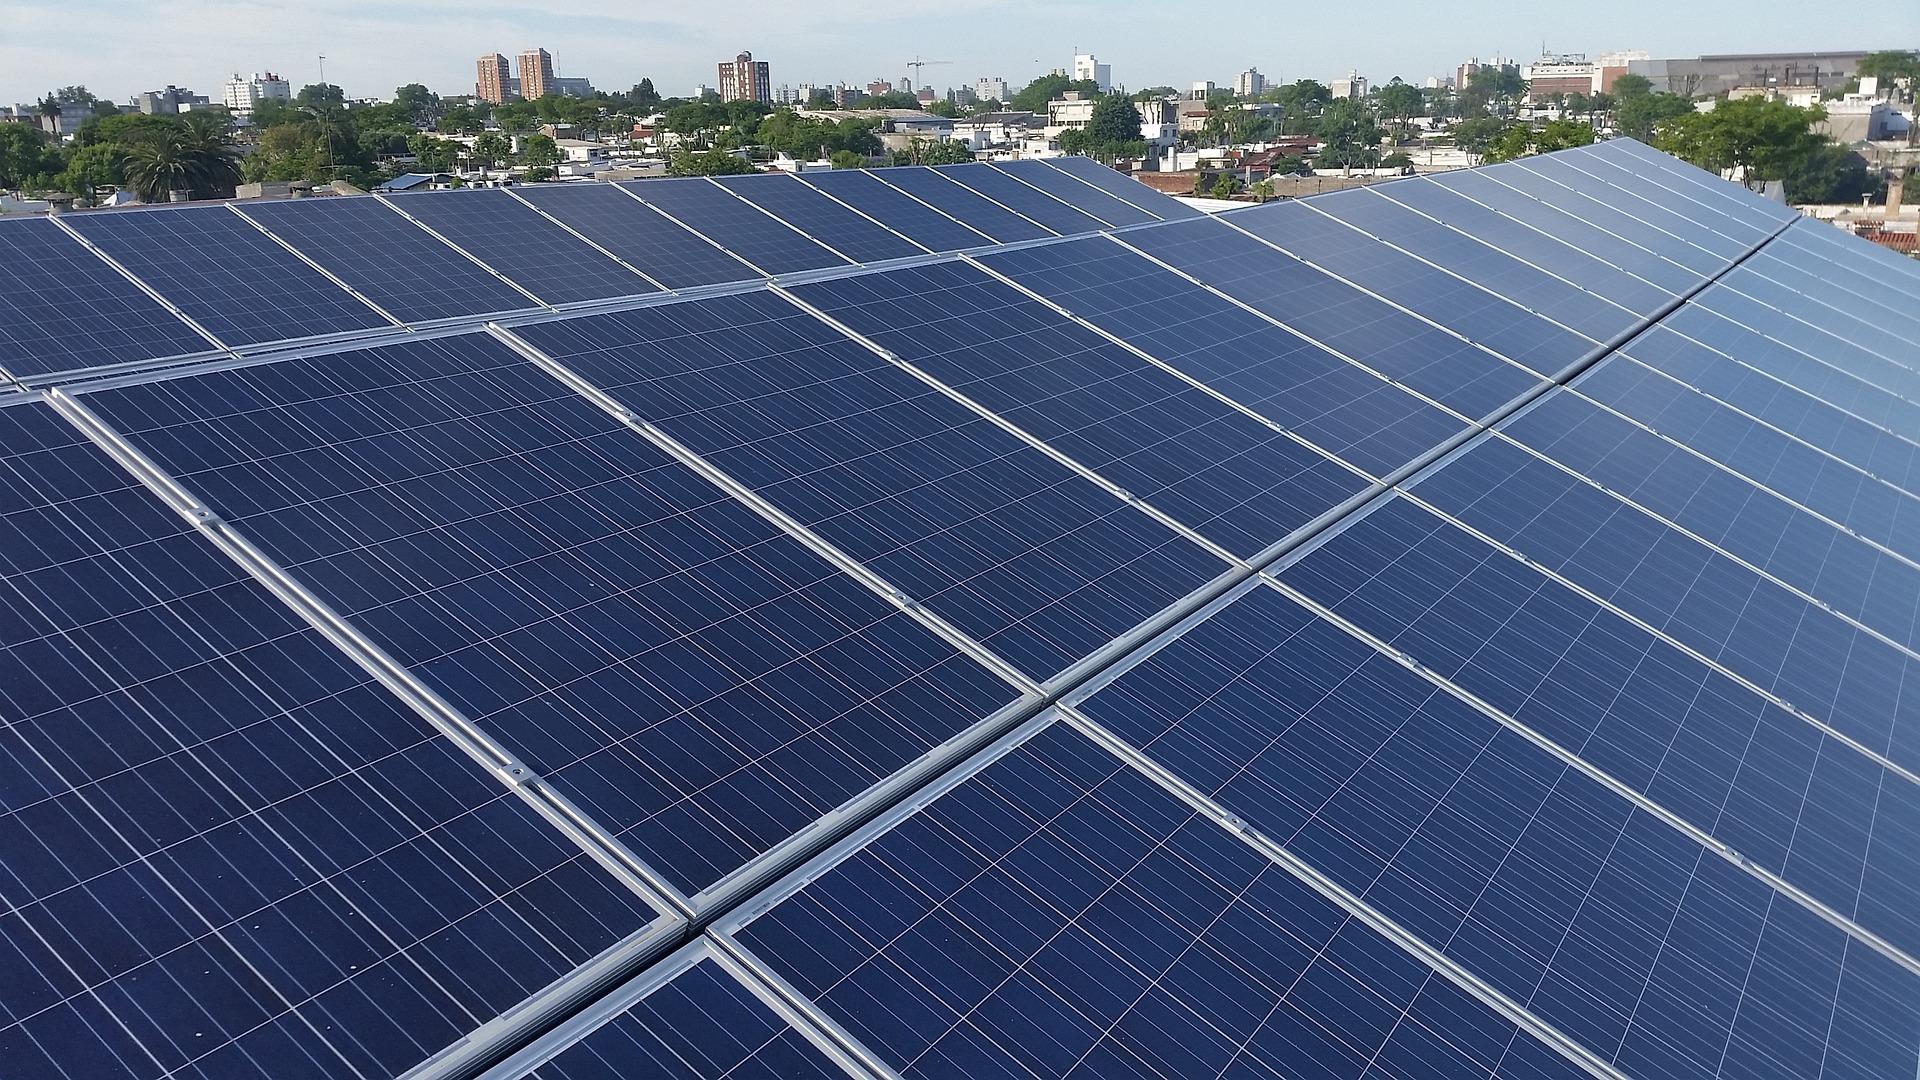 На Кропивниччині відкрили сонячну електростанцію на 2 МВт